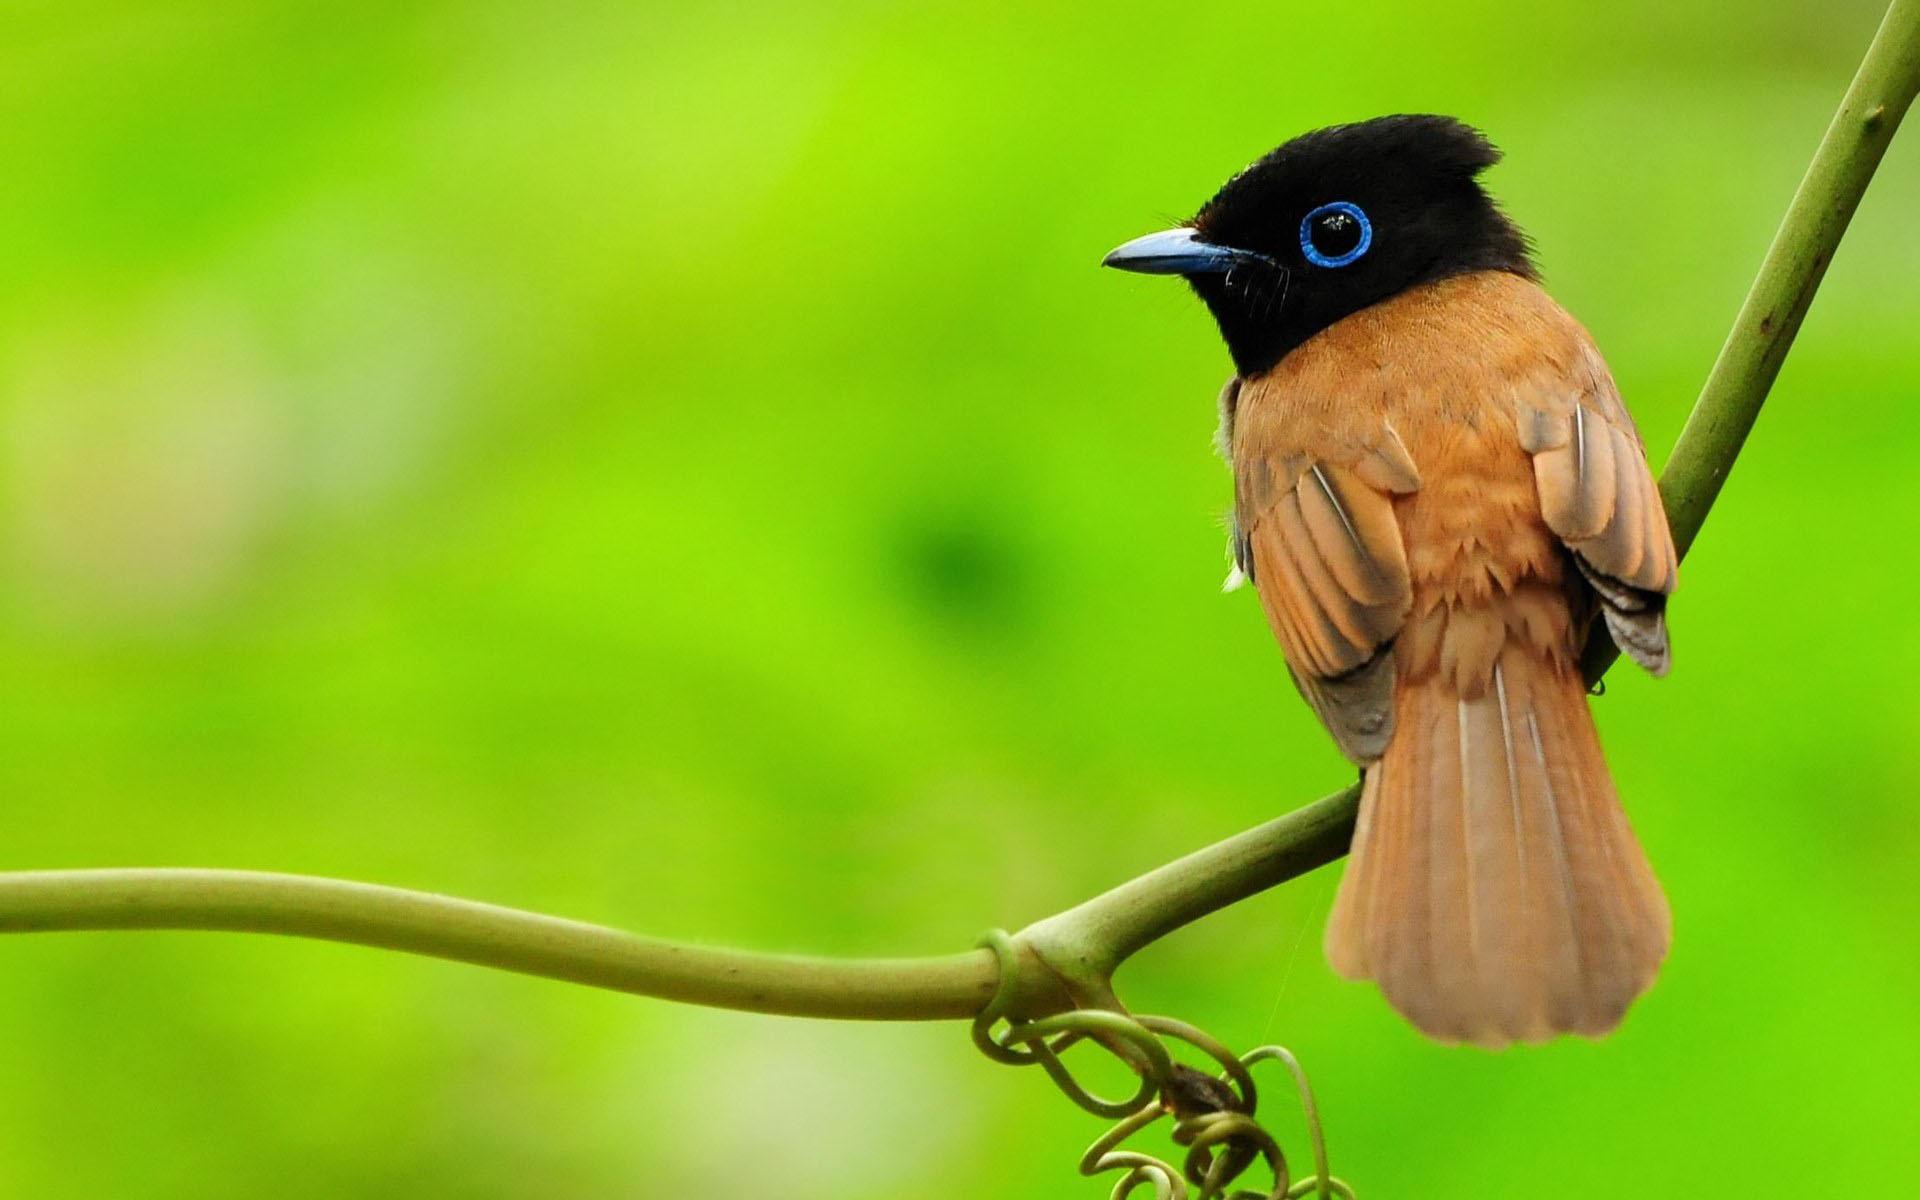 asian paradise-flycatcher, Птица, зелень, ветка, макро